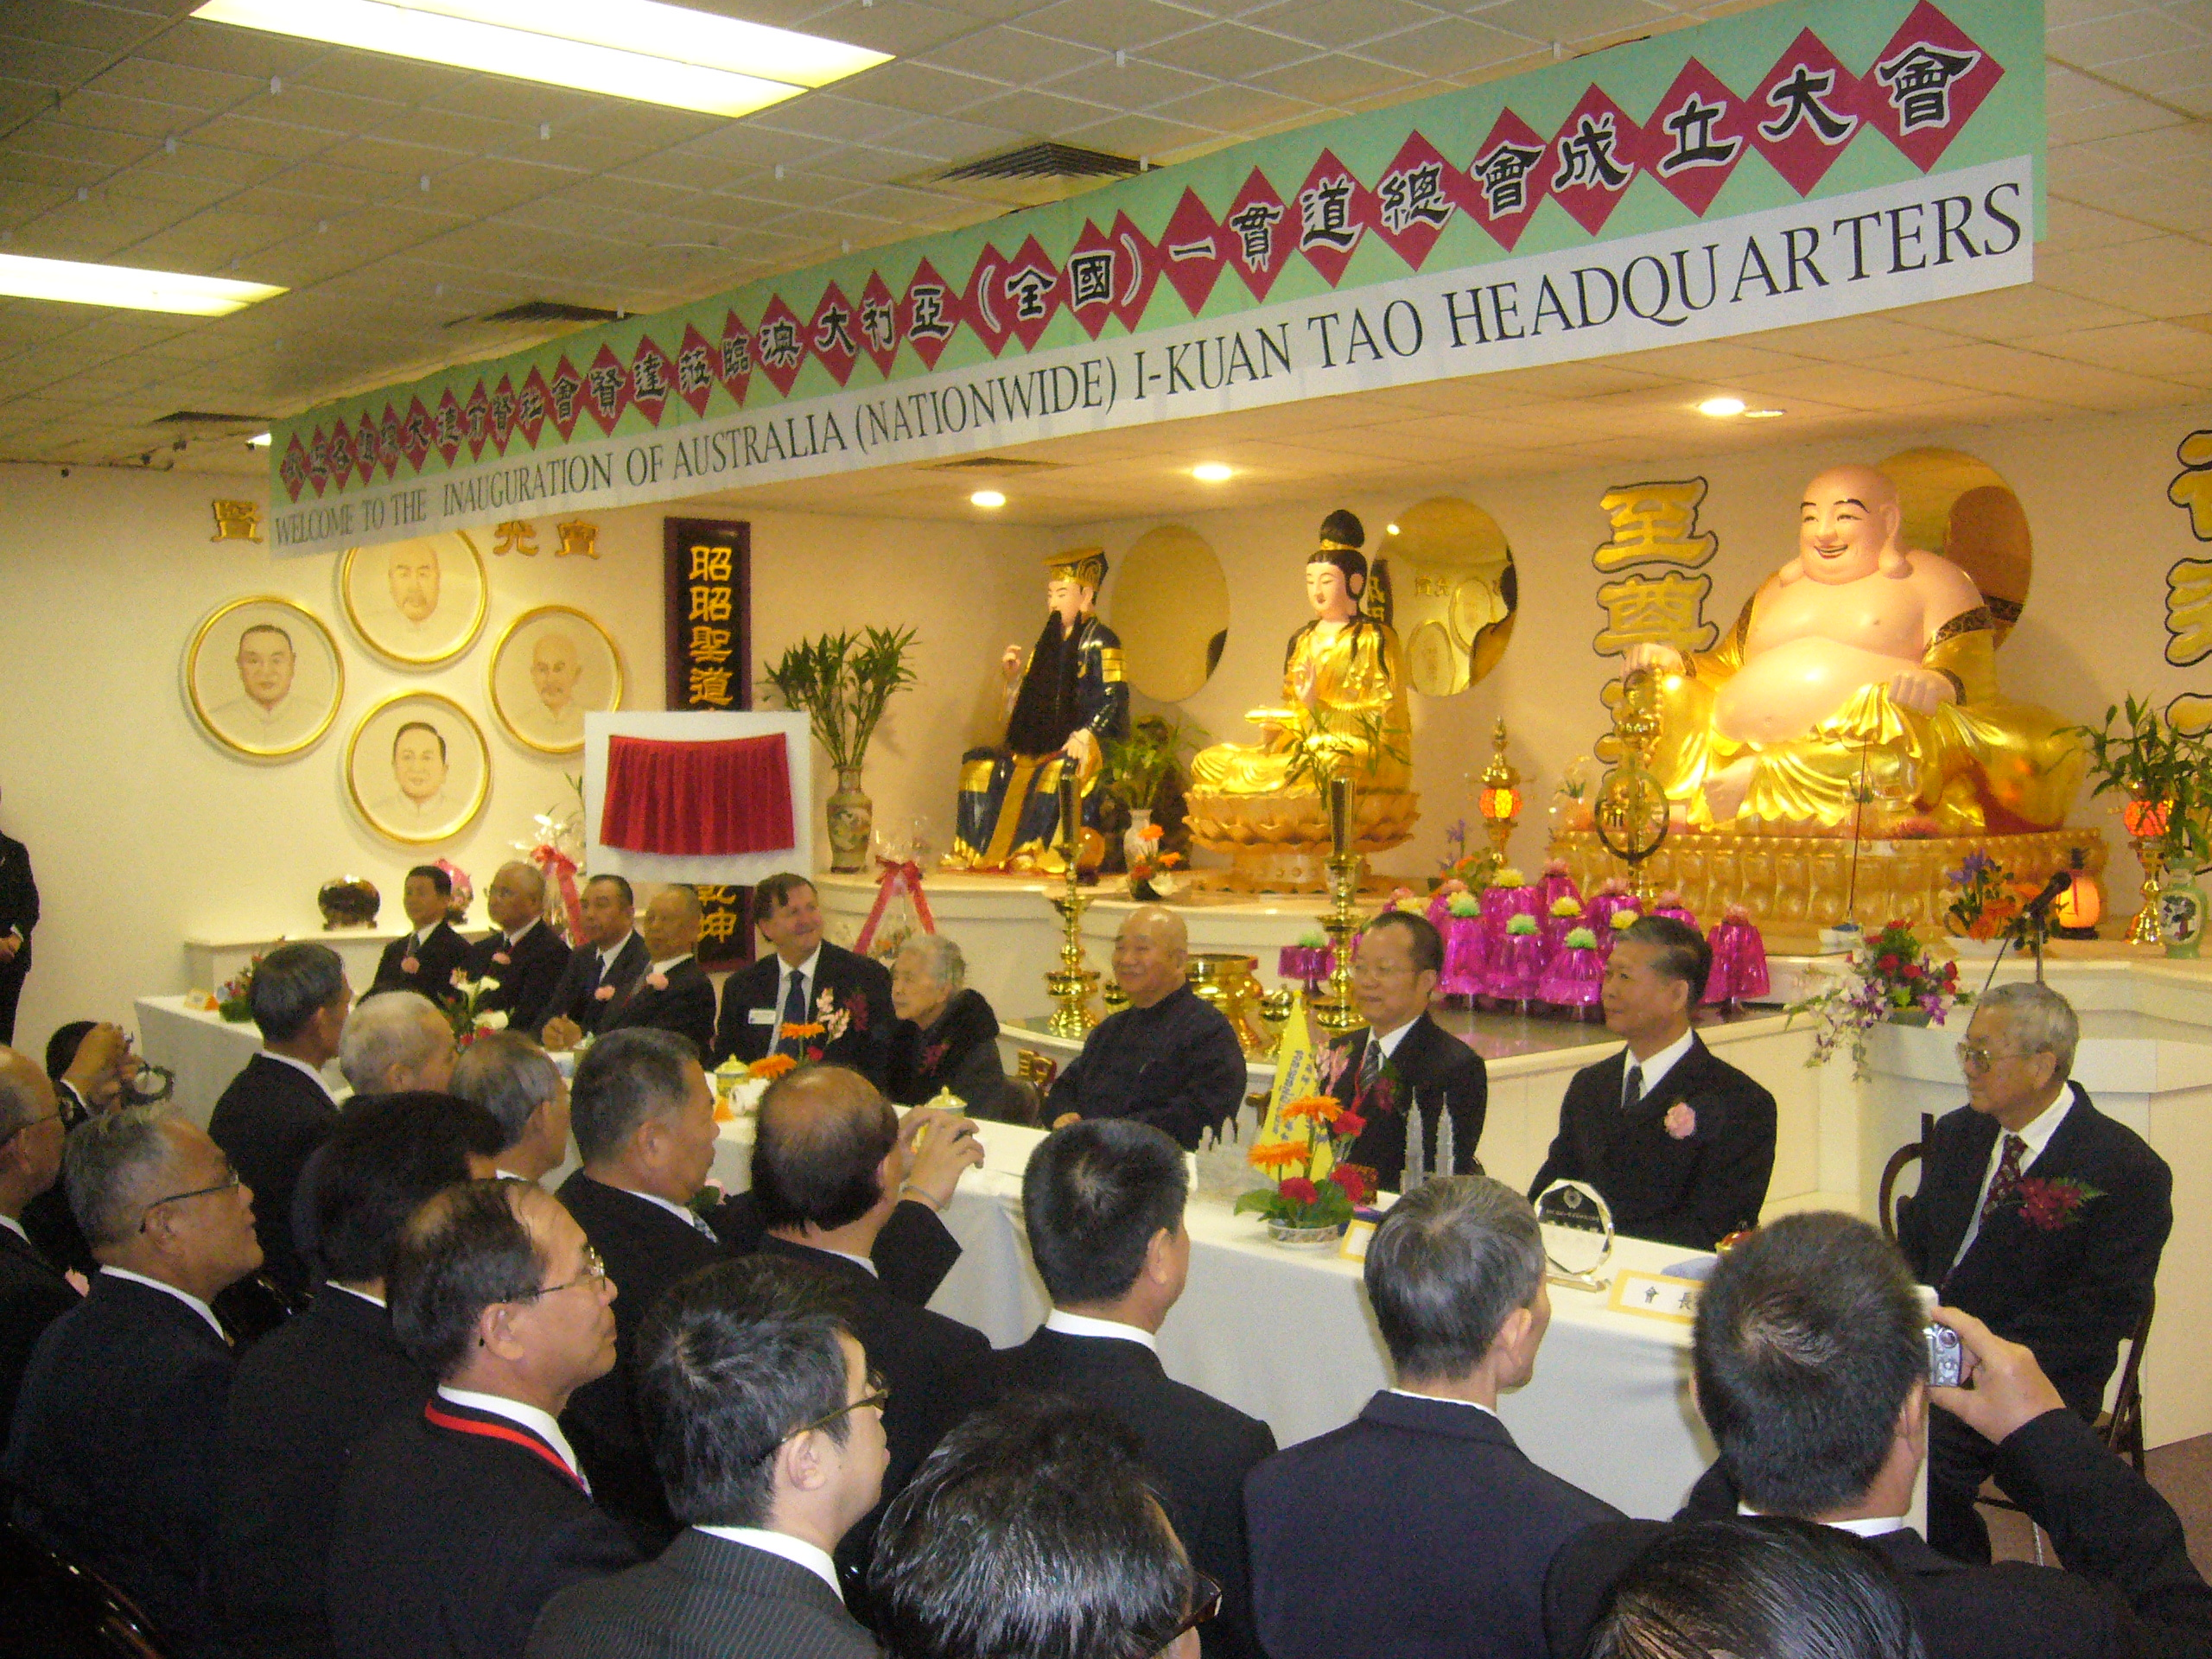 澳大利亞一貫道總會成立慶祝大會 澳大利亞 墨爾本 天帝聖堂